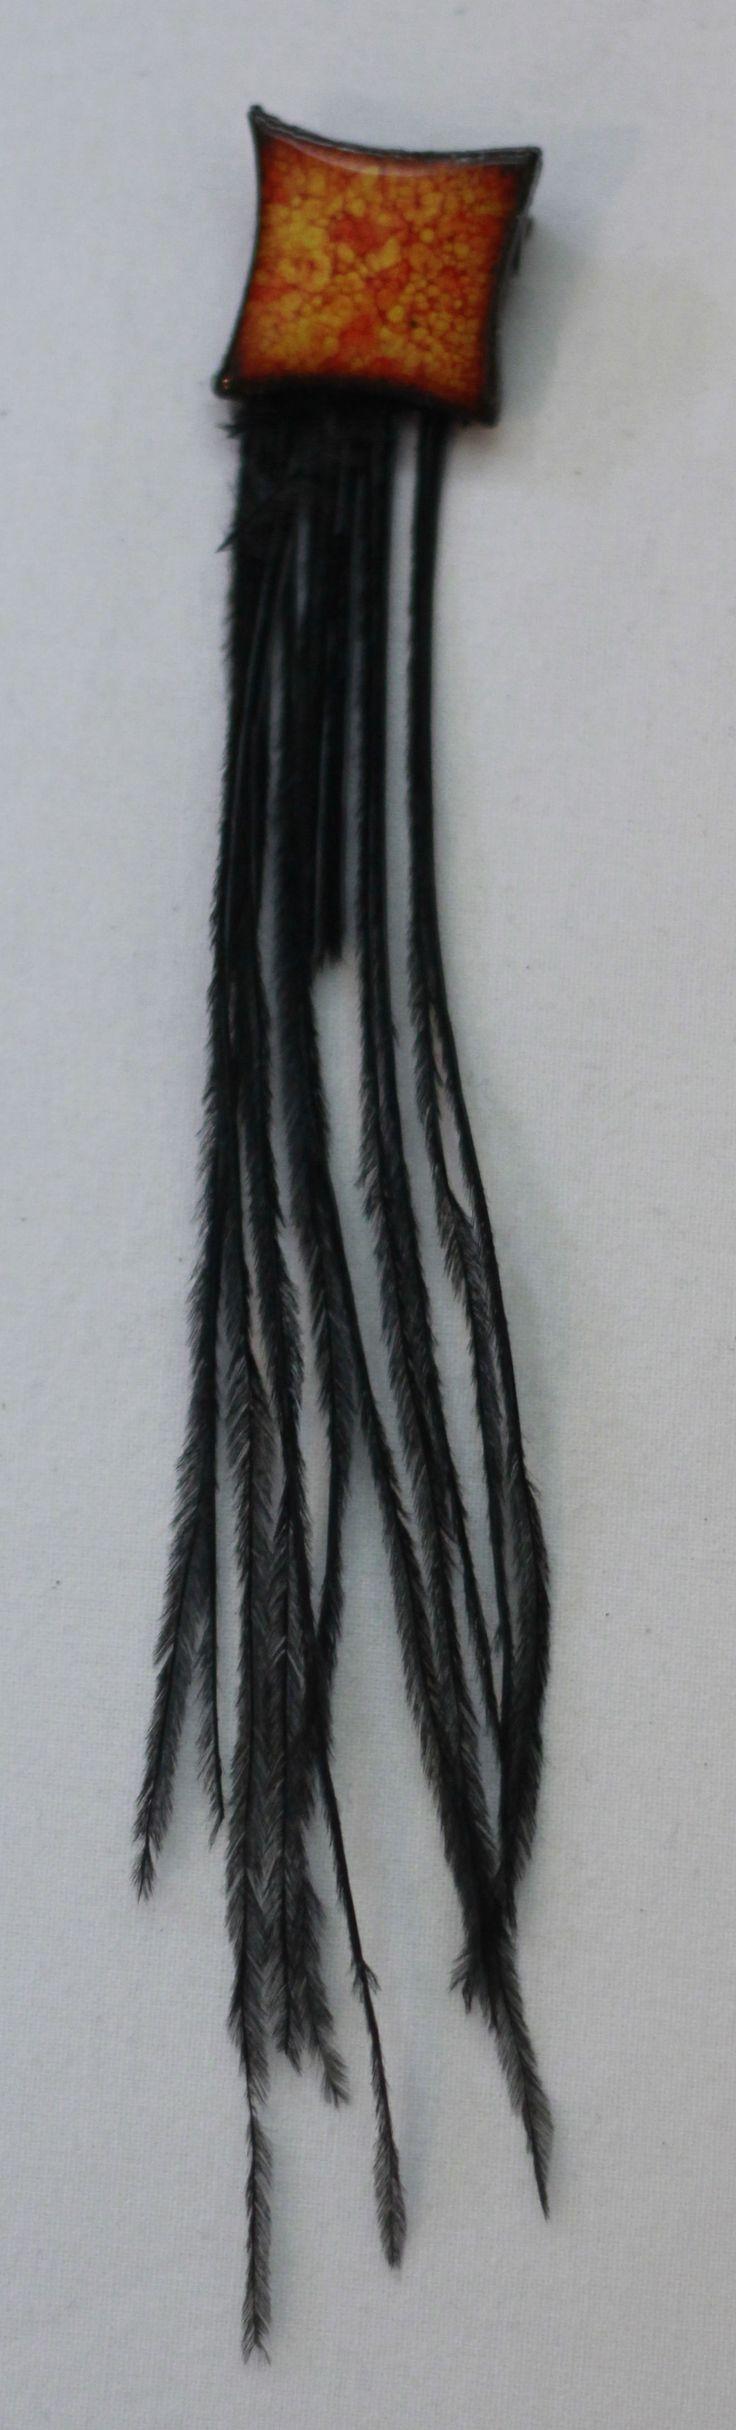 Turuncu-siyah seramik broş. Kuş tüyleri sentetiktir, yapımı için hayvanlara zarar verilmemiştir. www.azimeozgen.com